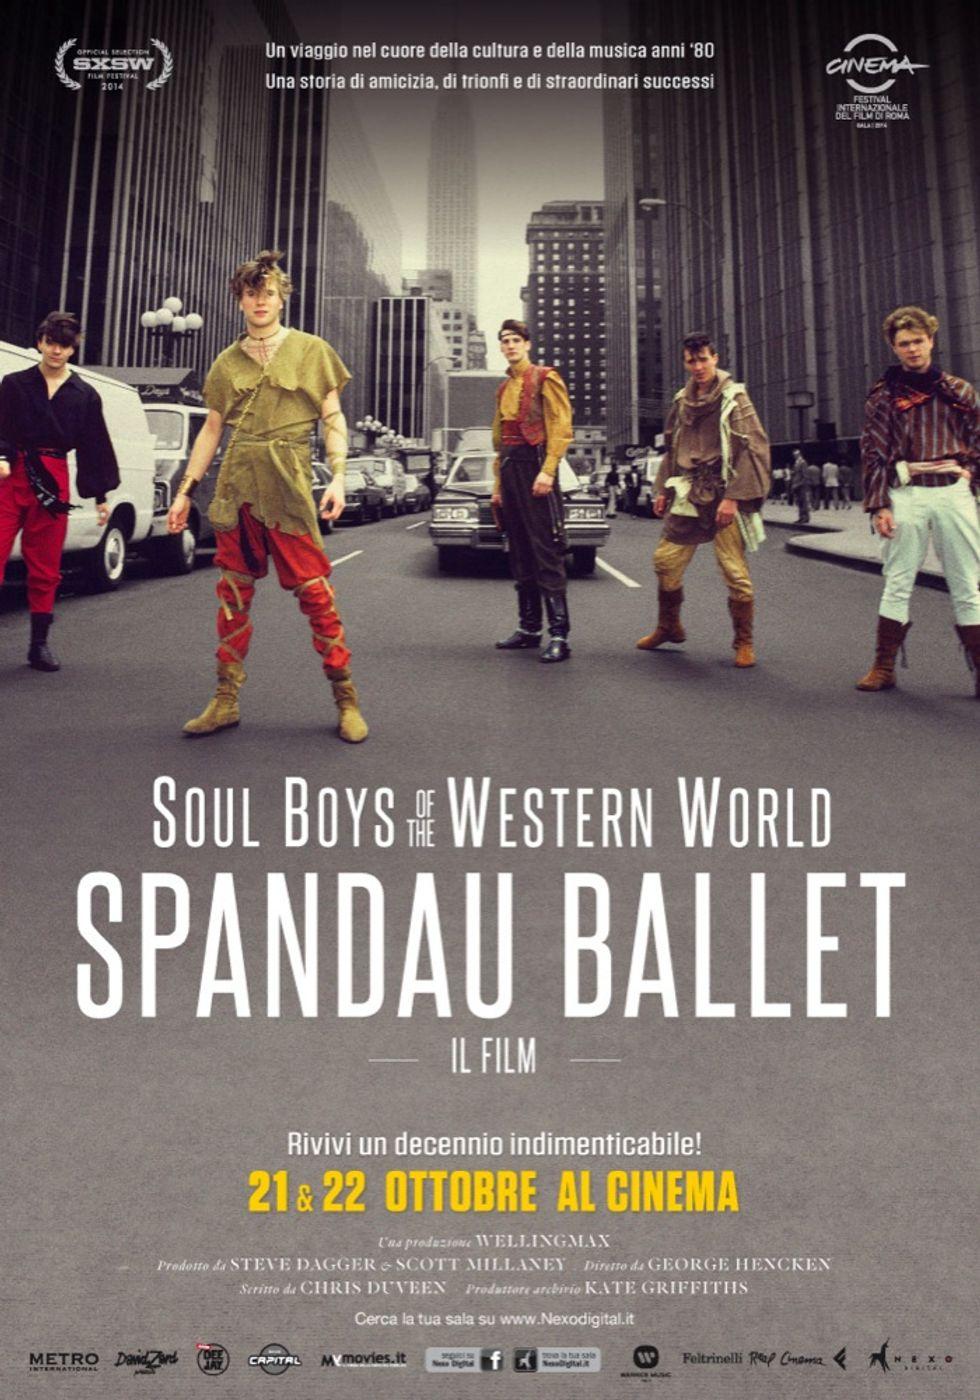 Spandau Ballet: la storia al cinema